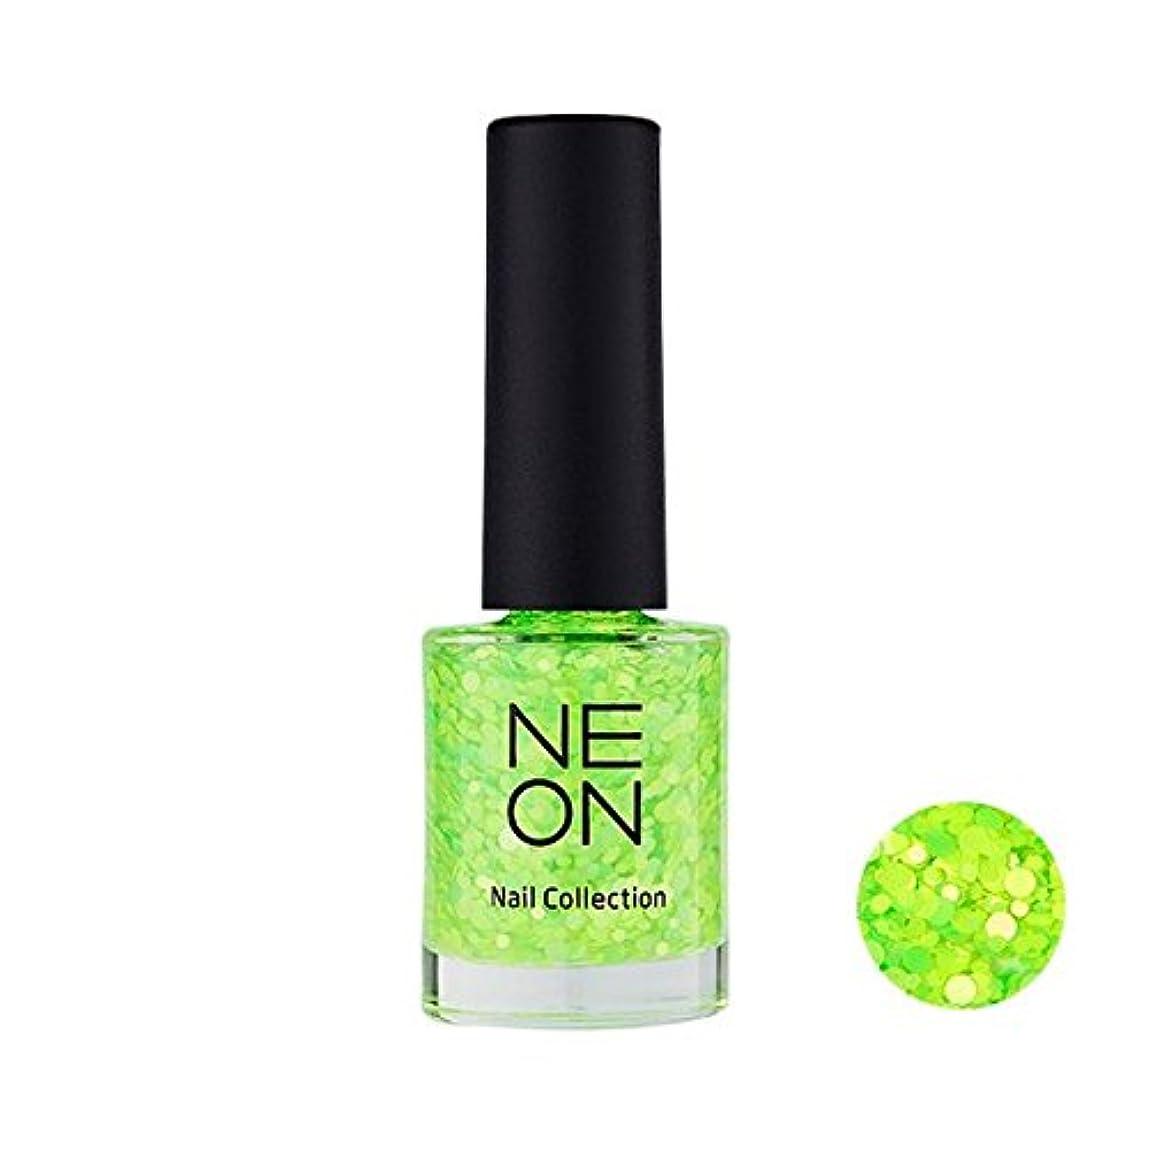 振り返るモーションはさみIt'S SKIN Neon nail collection [04 Neon Glitter green] イッツスキン ネオンネイルコレクション [04 ネオン グリッター グリーン] [並行輸入品]